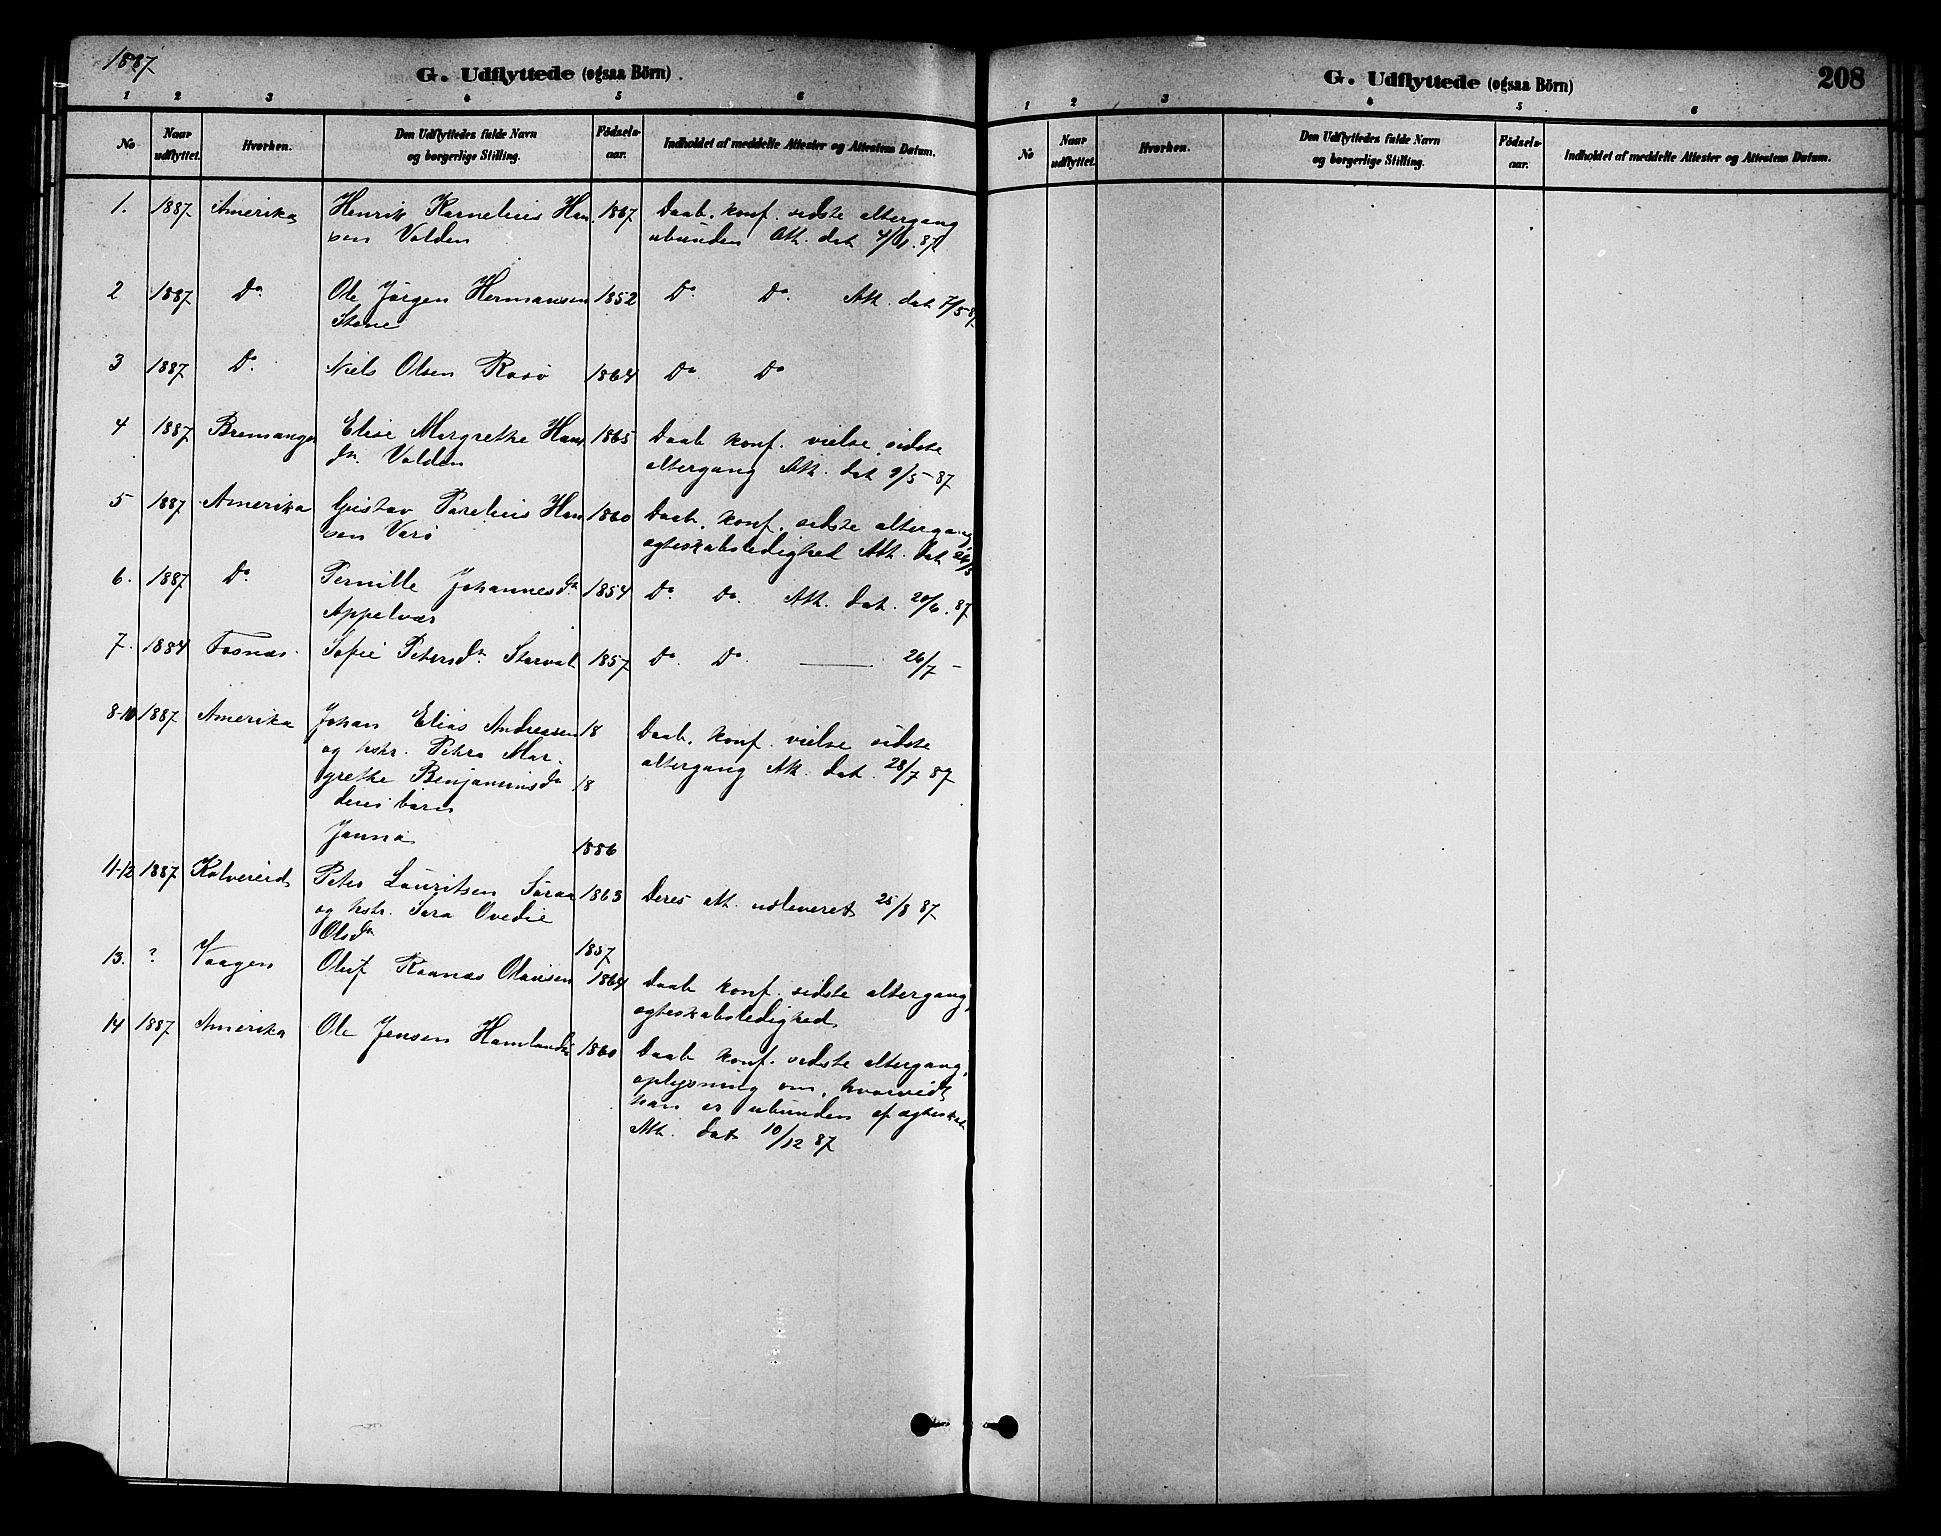 SAT, Ministerialprotokoller, klokkerbøker og fødselsregistre - Nord-Trøndelag, 784/L0672: Ministerialbok nr. 784A07, 1880-1887, s. 208